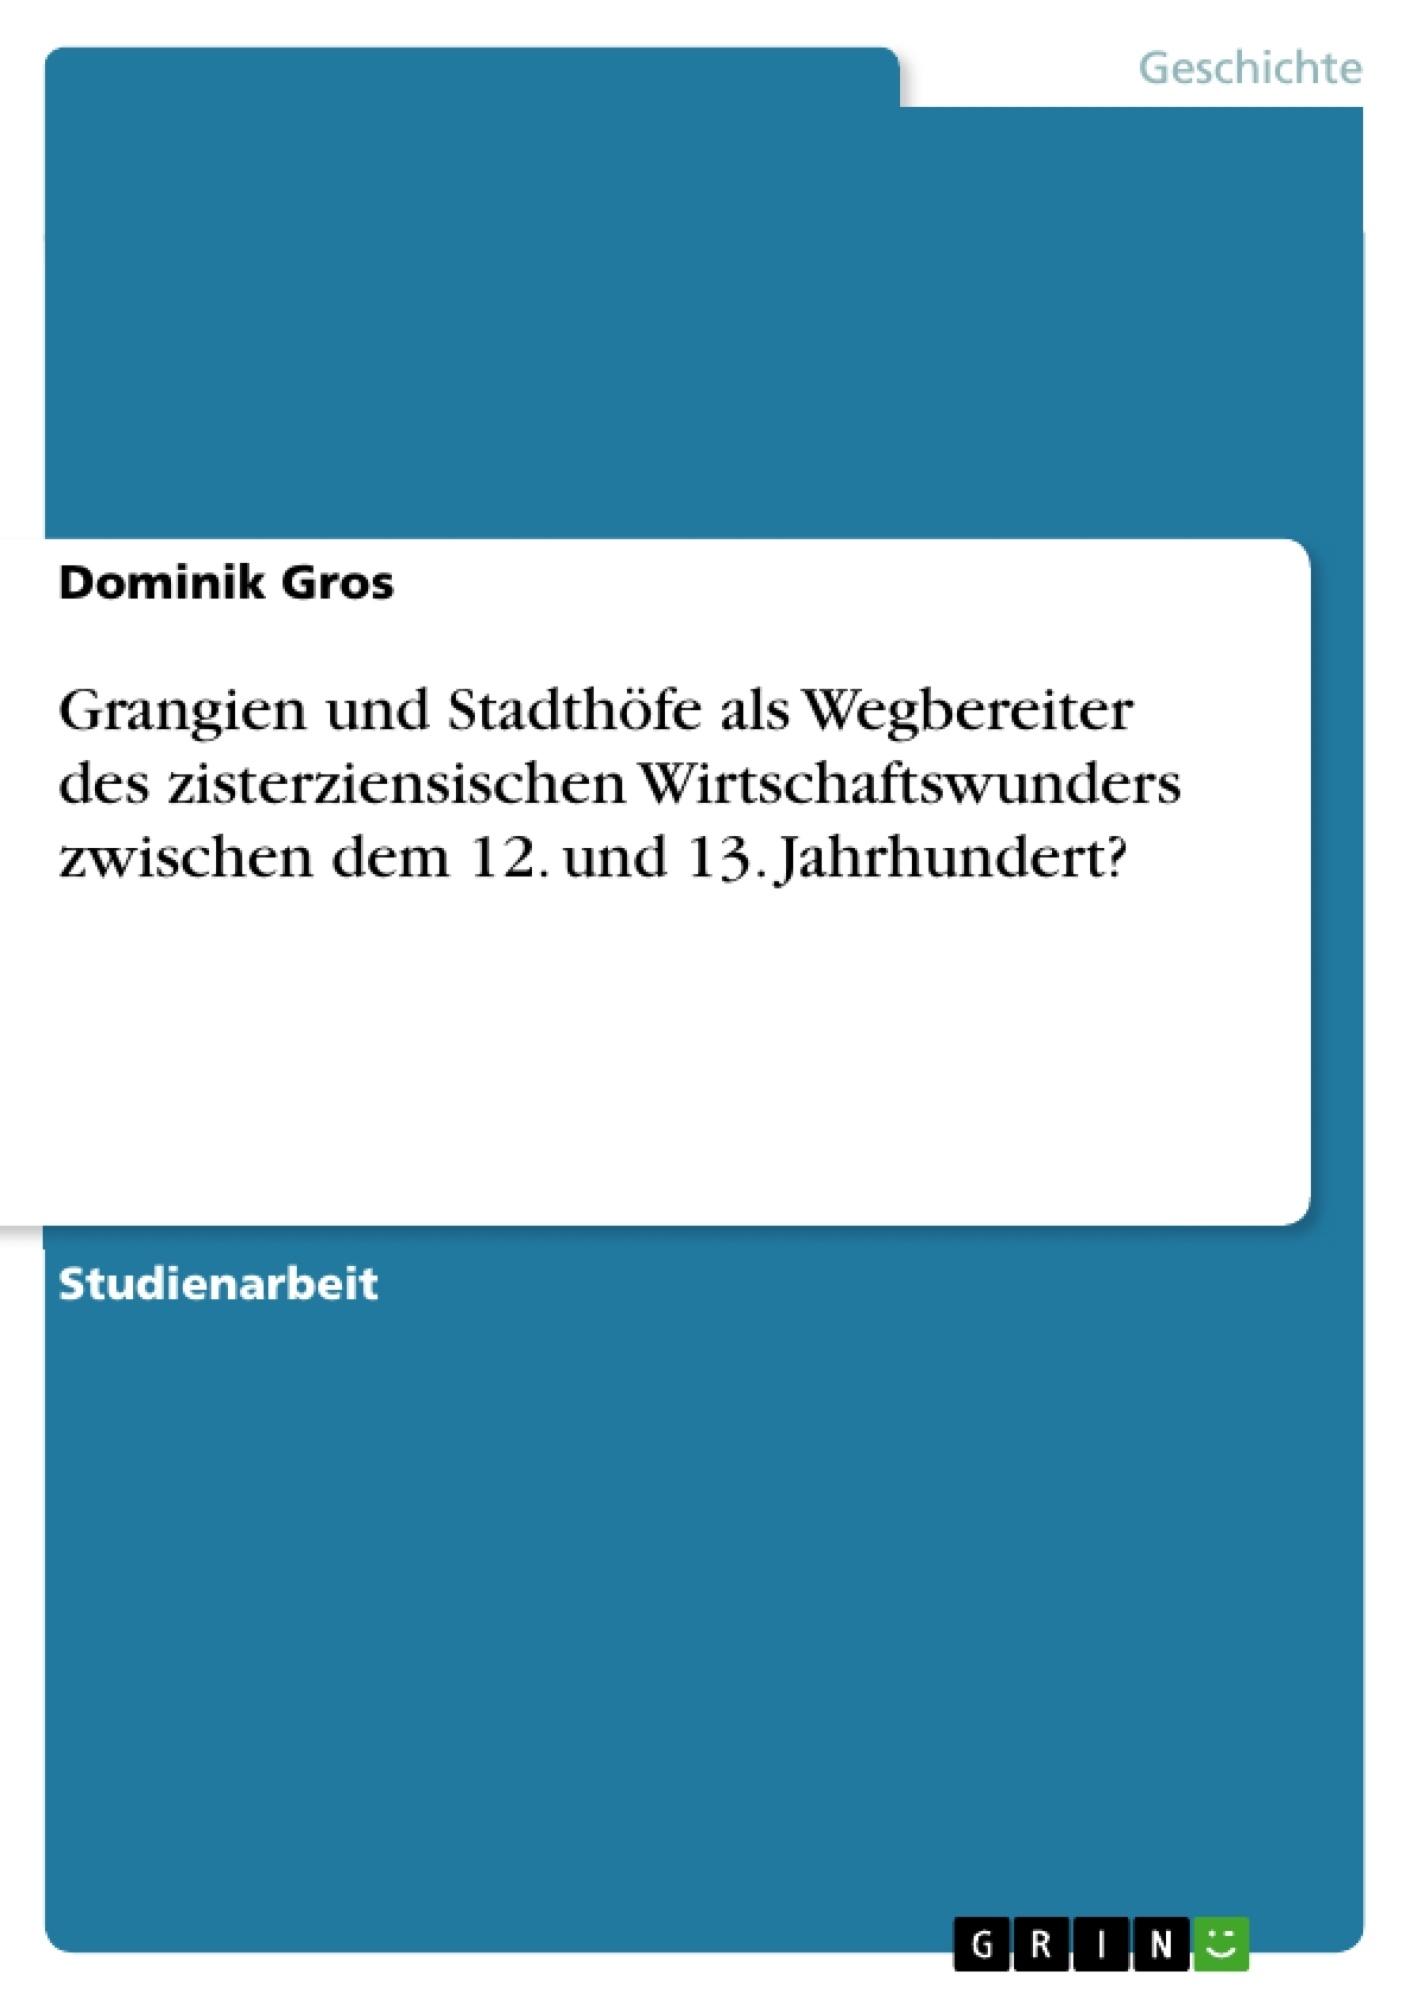 Titel: Grangien und Stadthöfe als Wegbereiter des zisterziensischen Wirtschaftswunders zwischen dem 12. und 13. Jahrhundert?